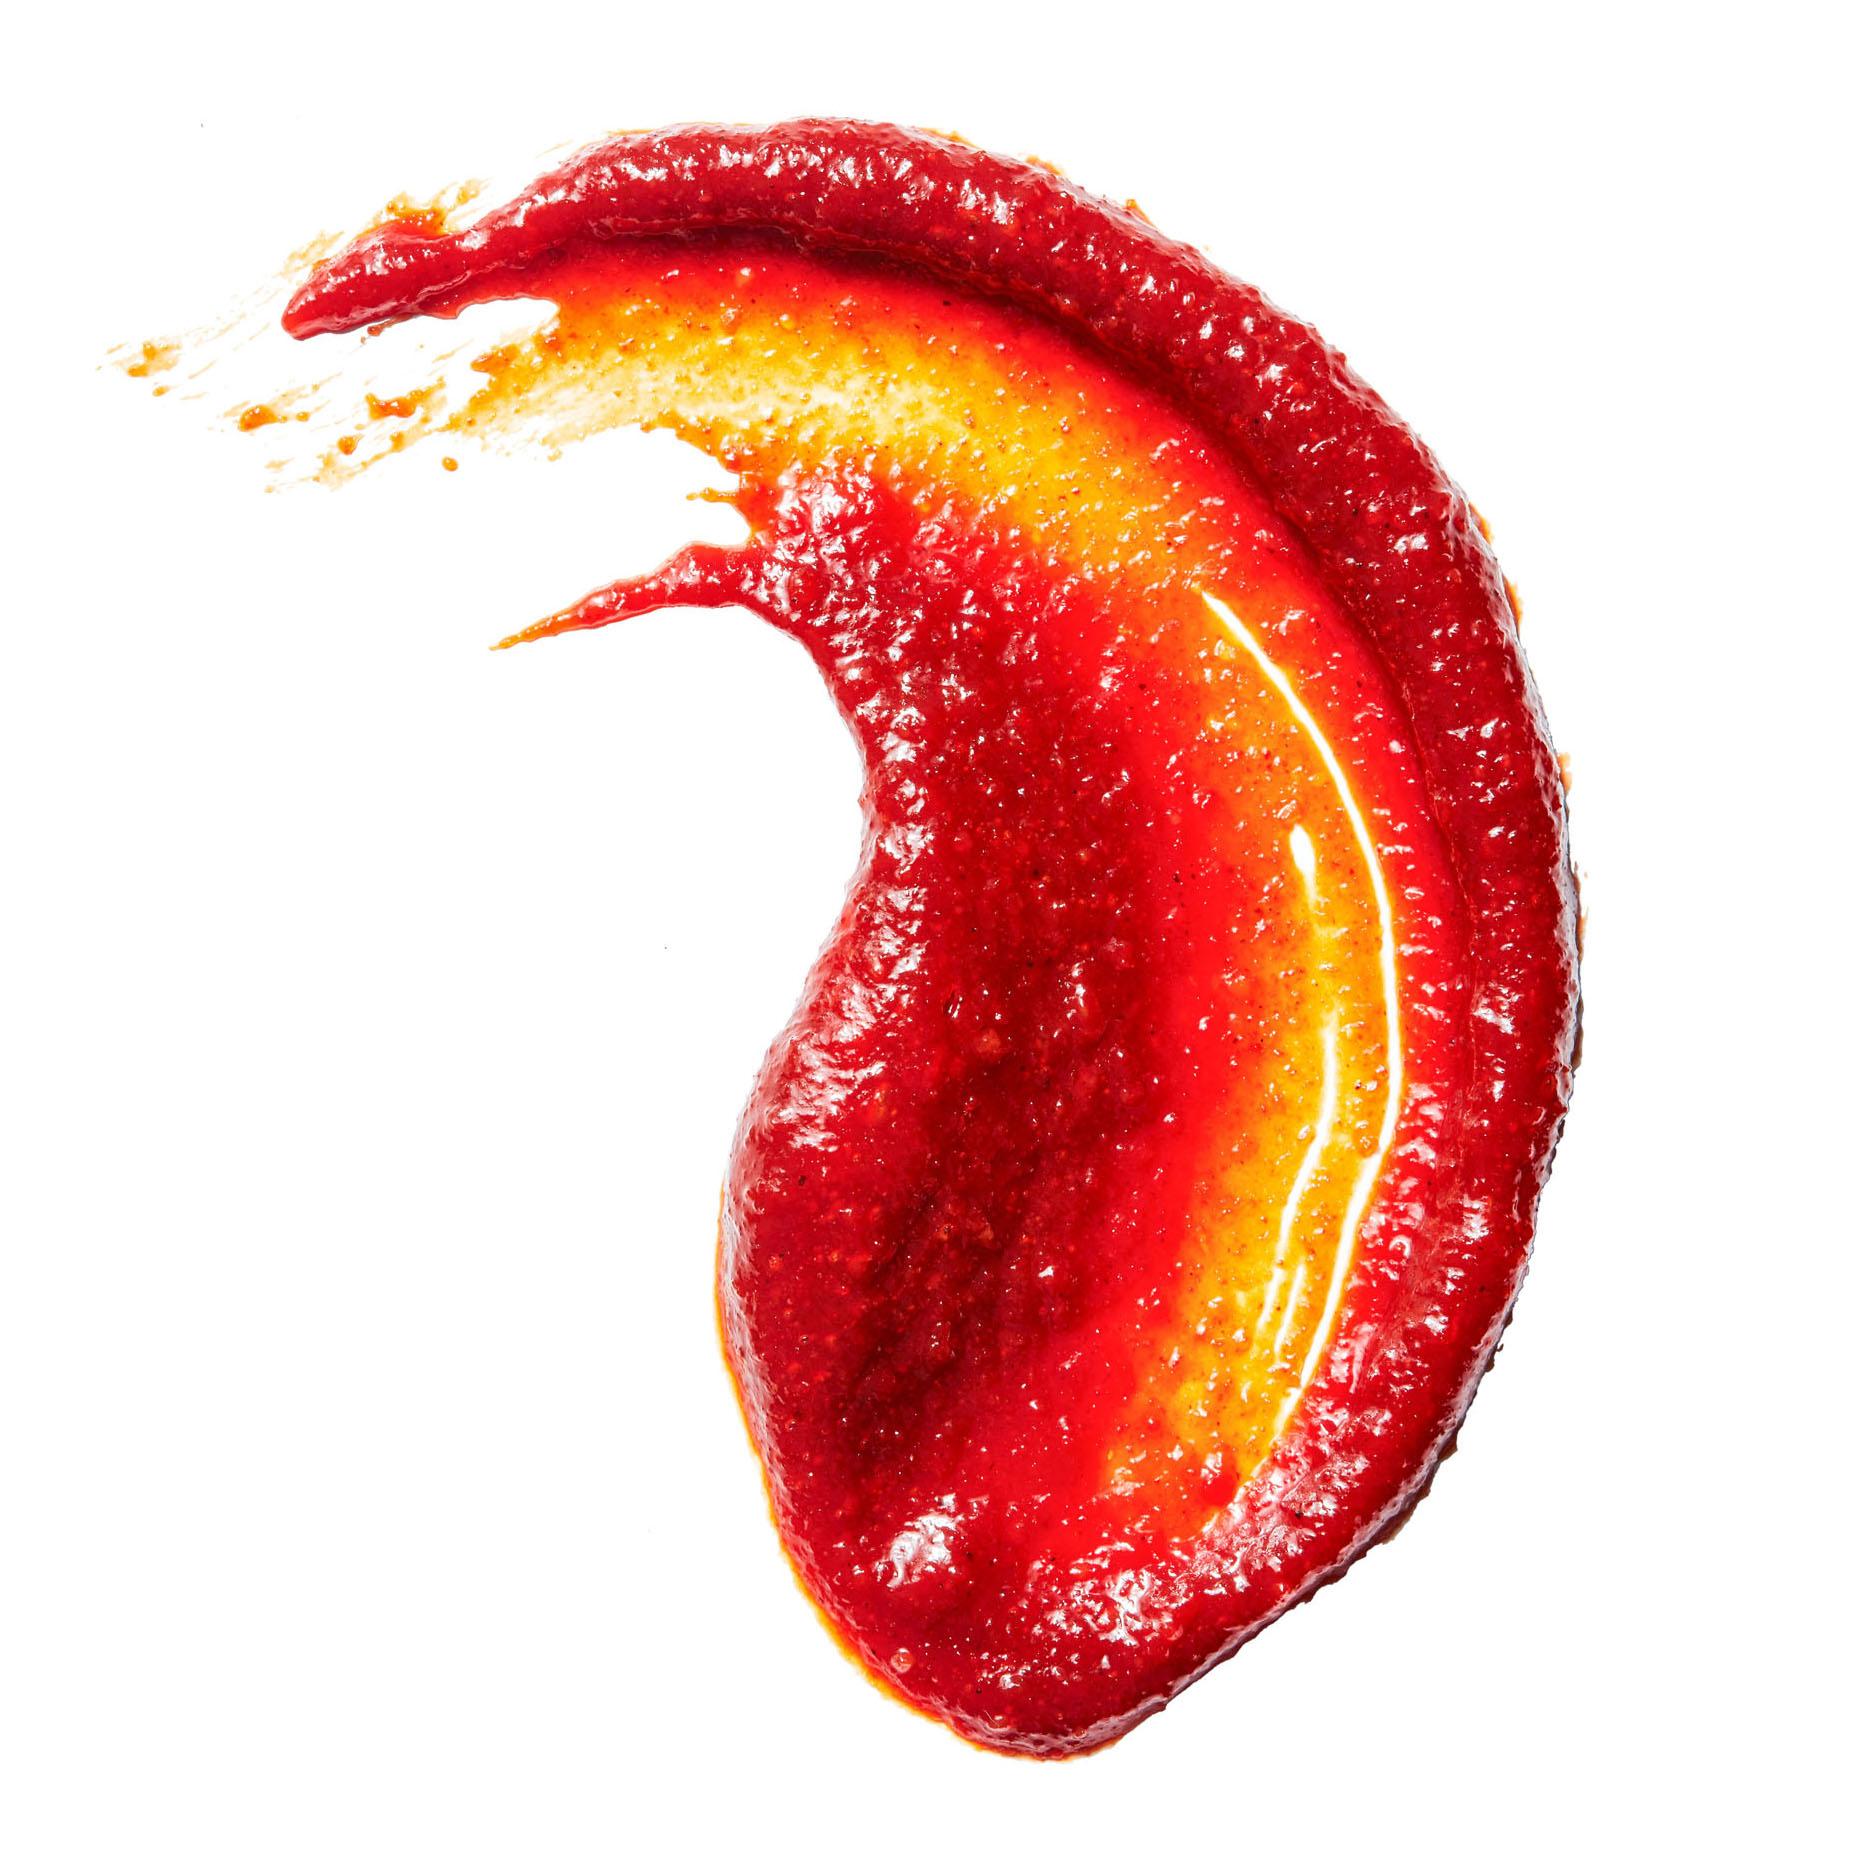 gochujang red sauce